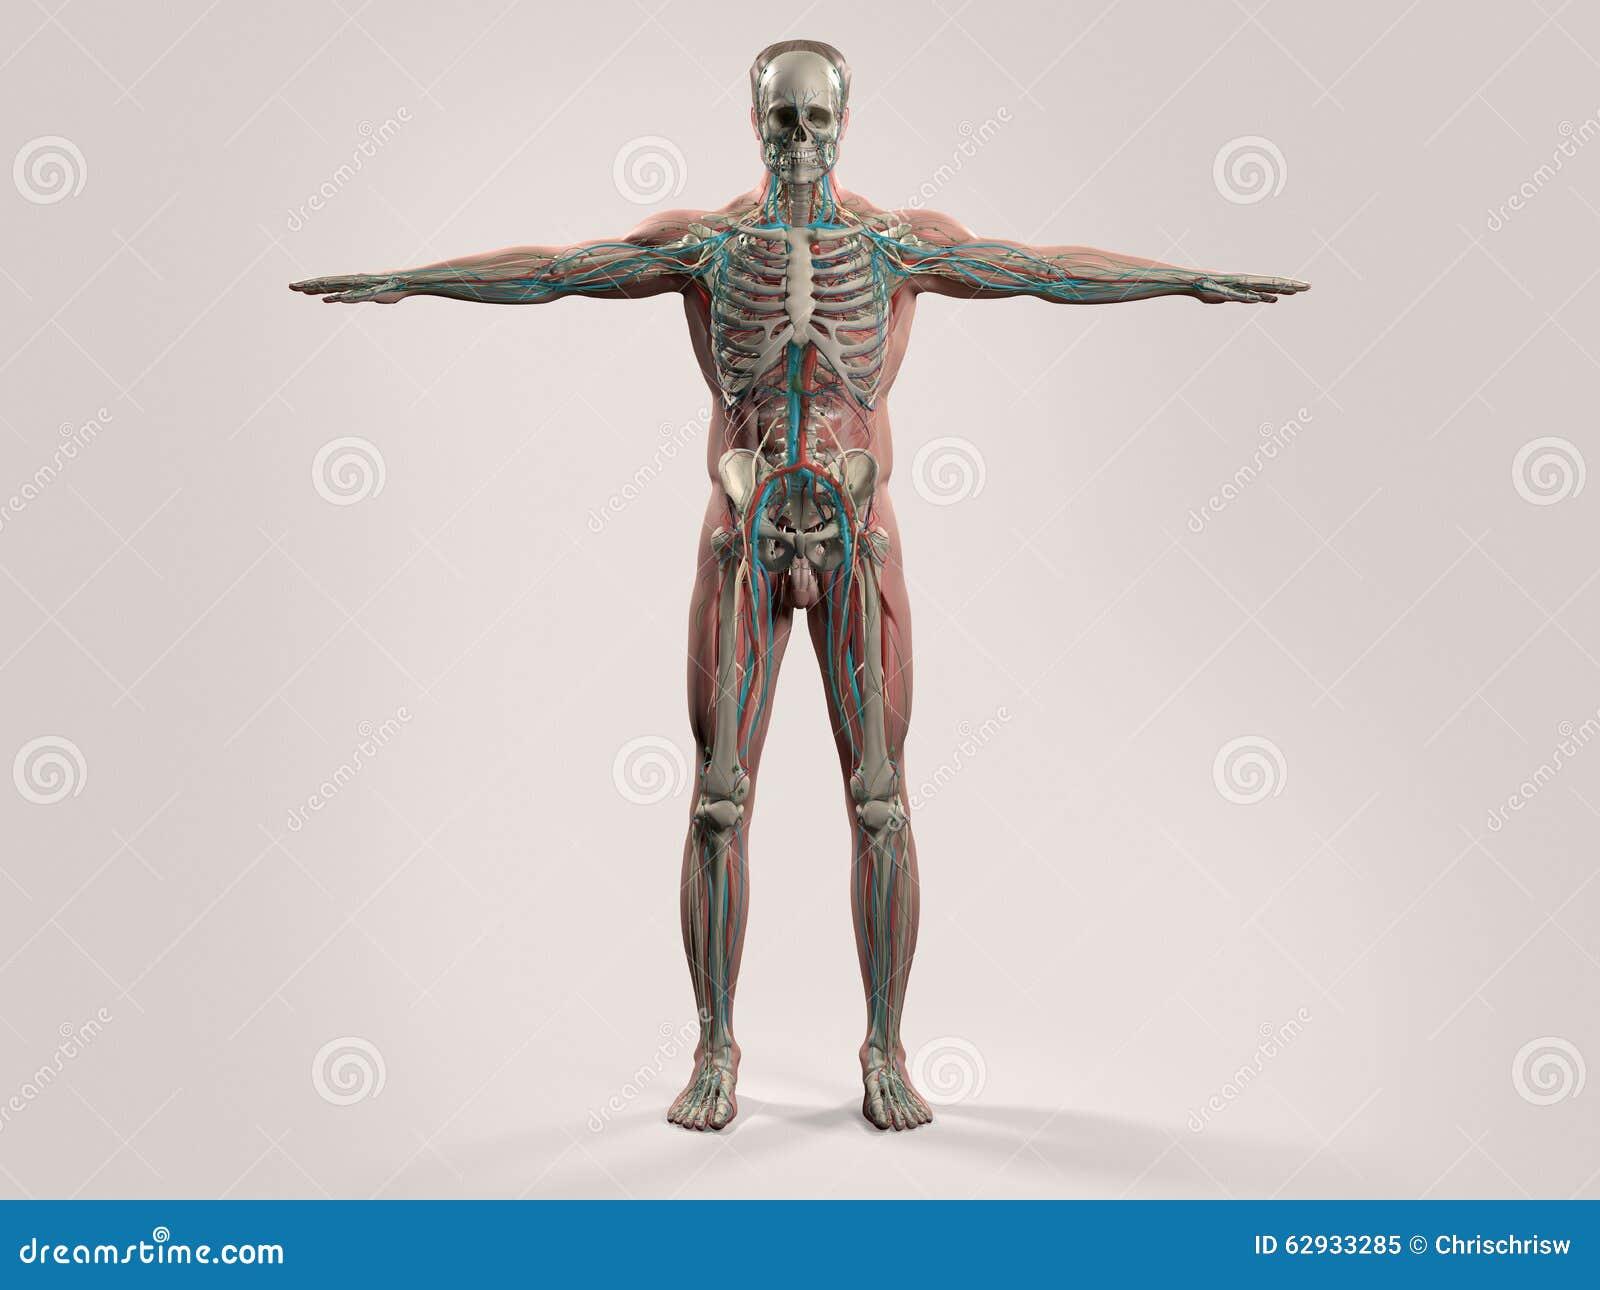 Nett Anatomie Des Menschen Gemacht Erstaunlich Einfach ...